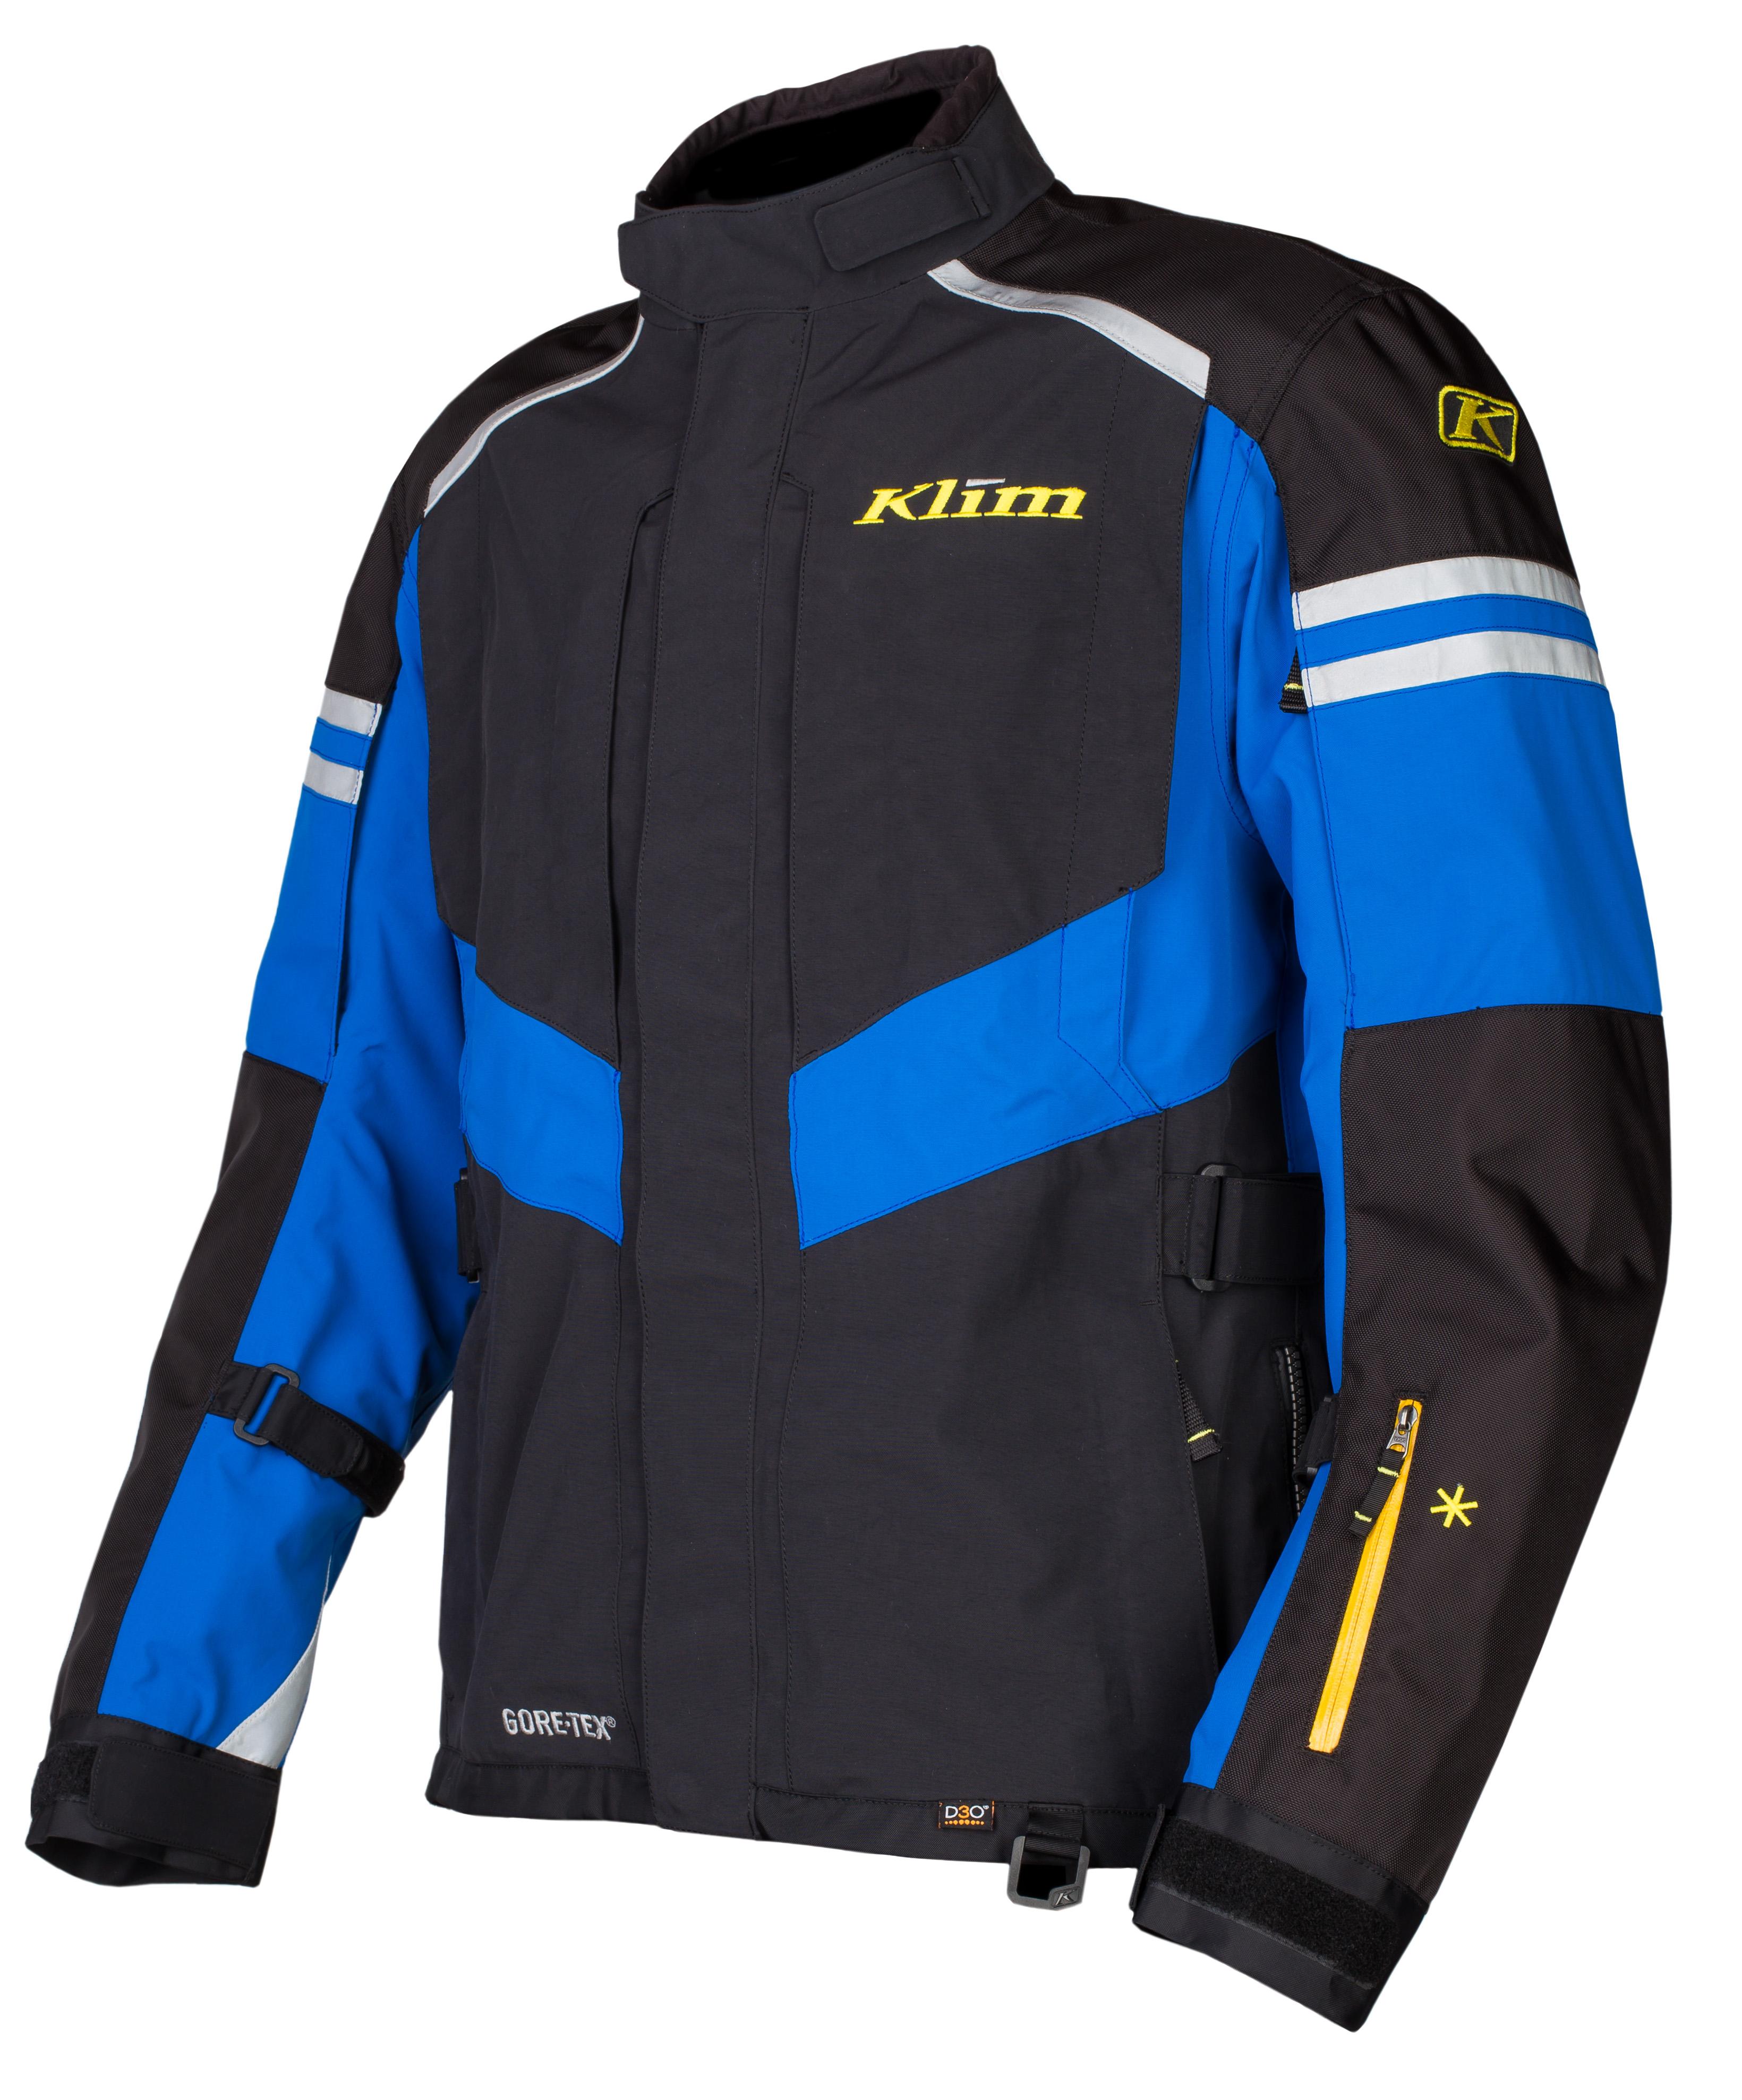 Latitude Jacket 5146-002-200